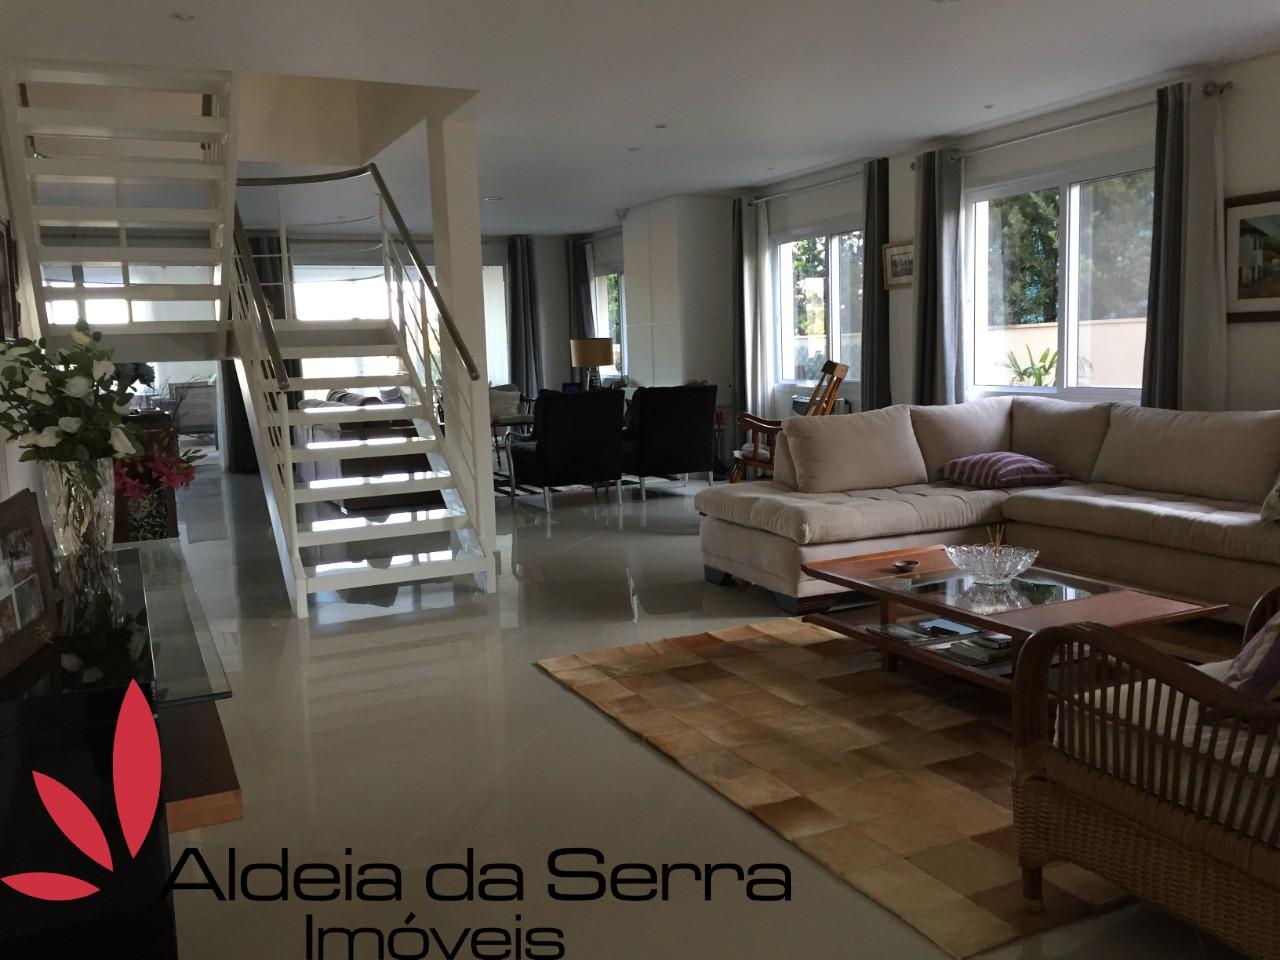 /admin/imoveis/fotos/IMG-20210728-WA0008.jpg Aldeia da Serra Imoveis